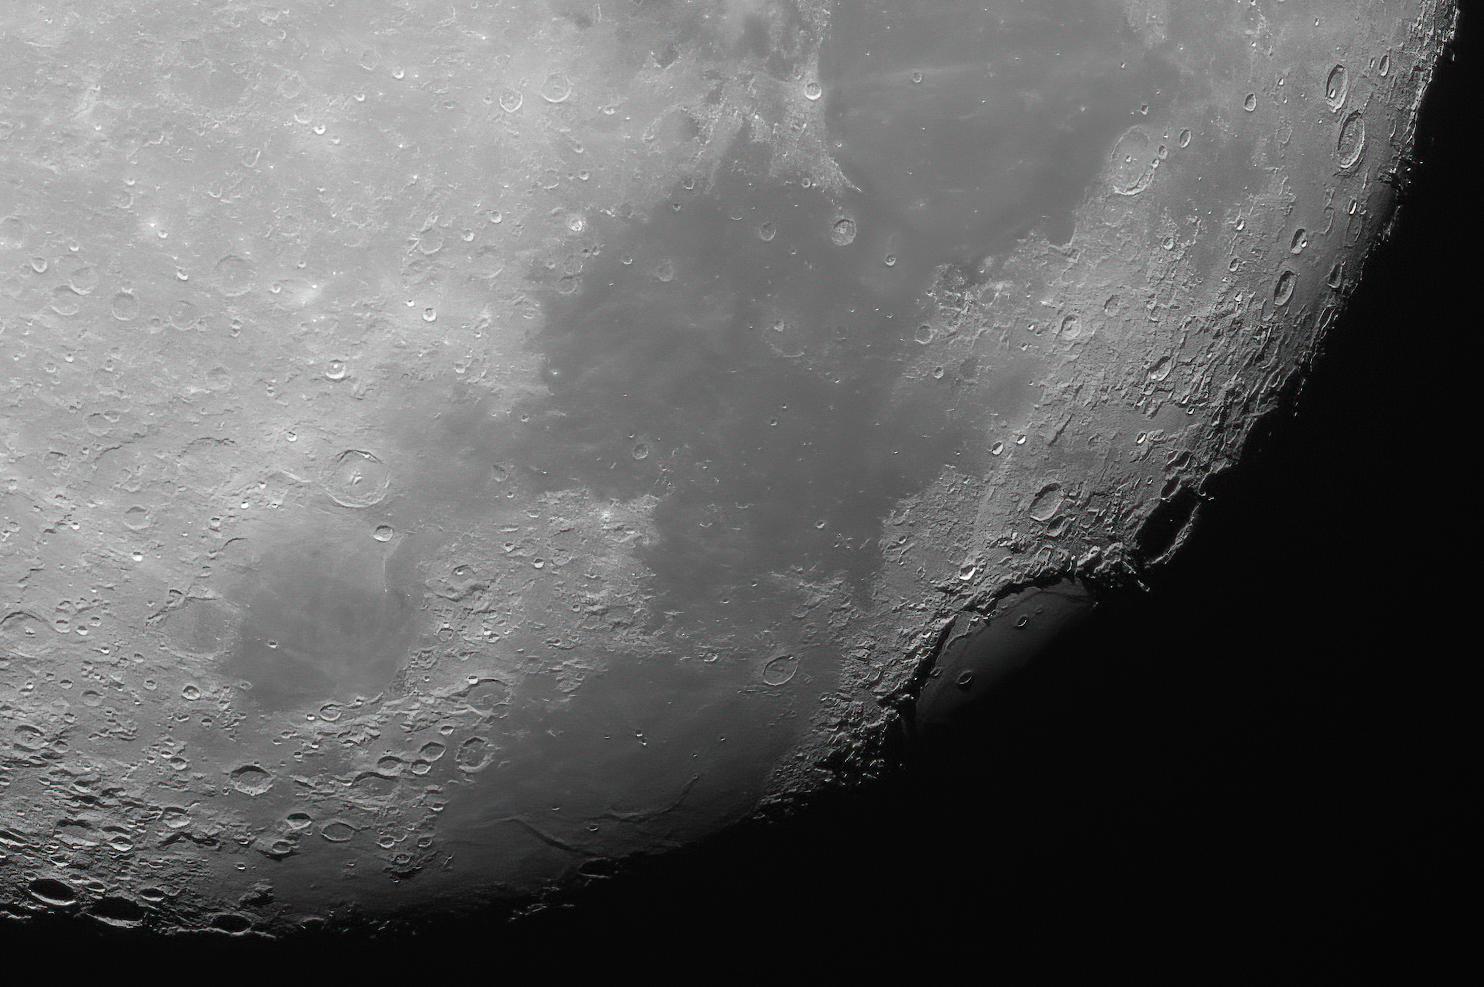 Crisium_crater_moon